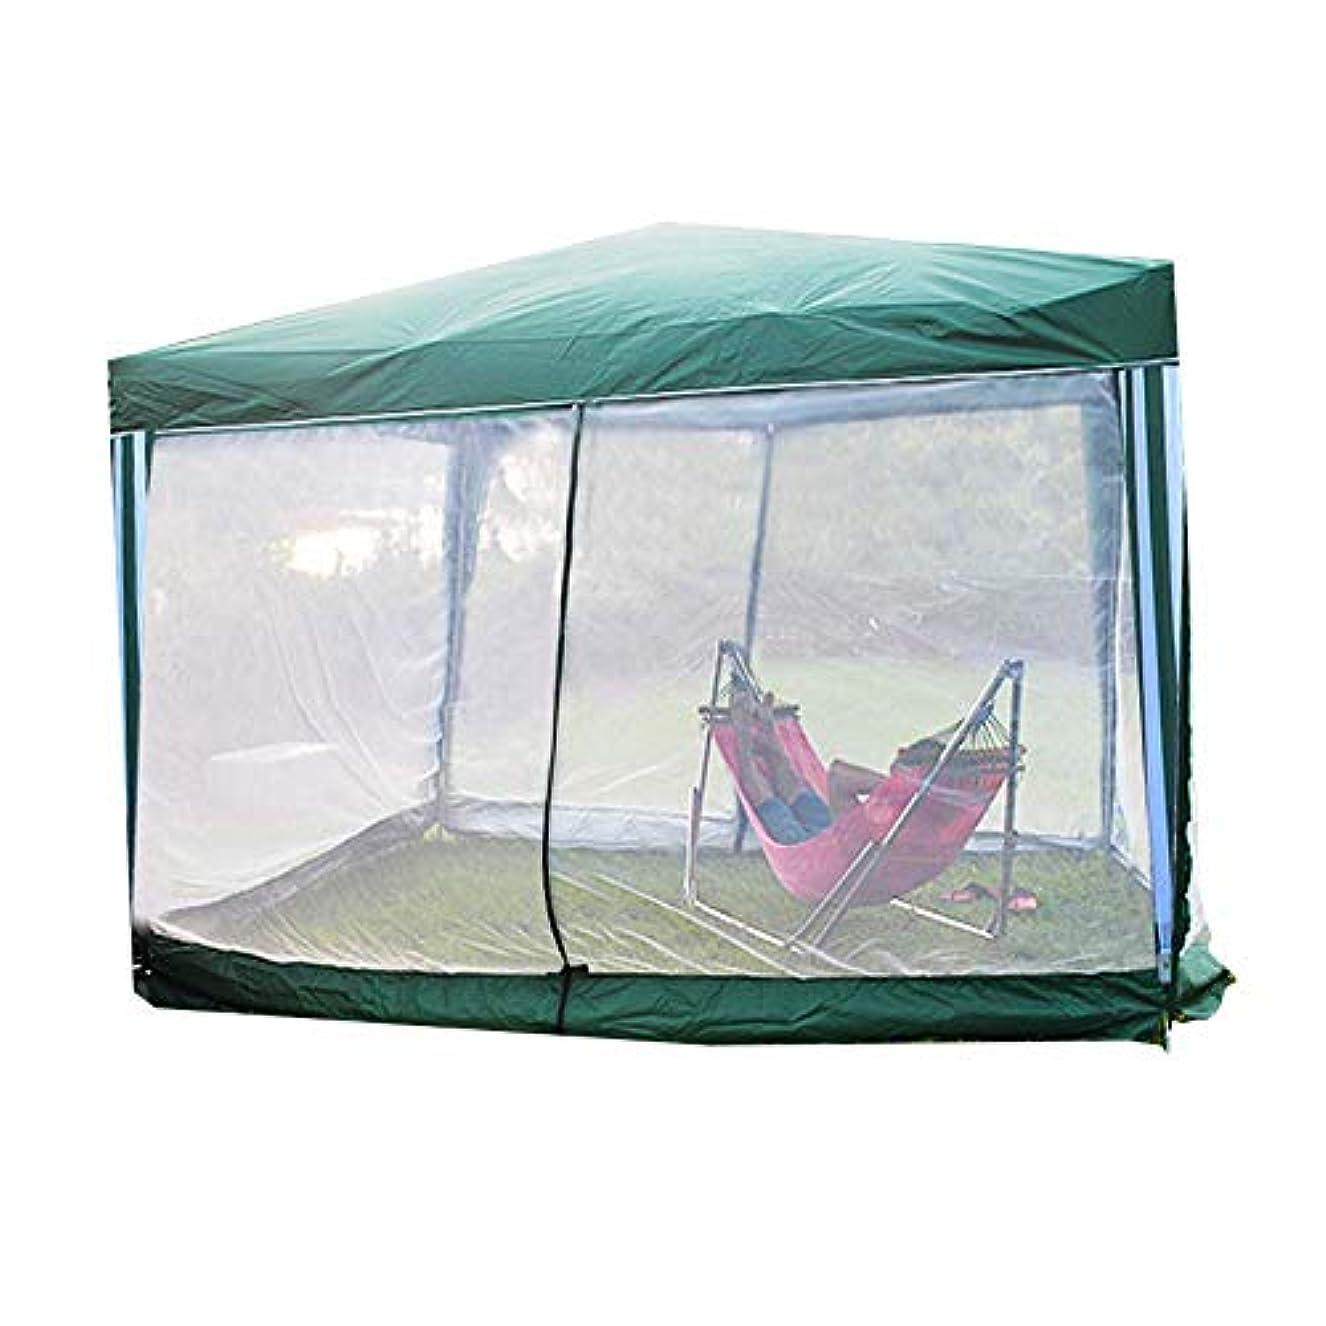 姉妹透けて見える実行可能WG 野生の日焼け止め抗蚊 3m タープテント用蚊帳 日よけ グリーン タープテント メッシュシートセット セット販売 ad059-gr-WG